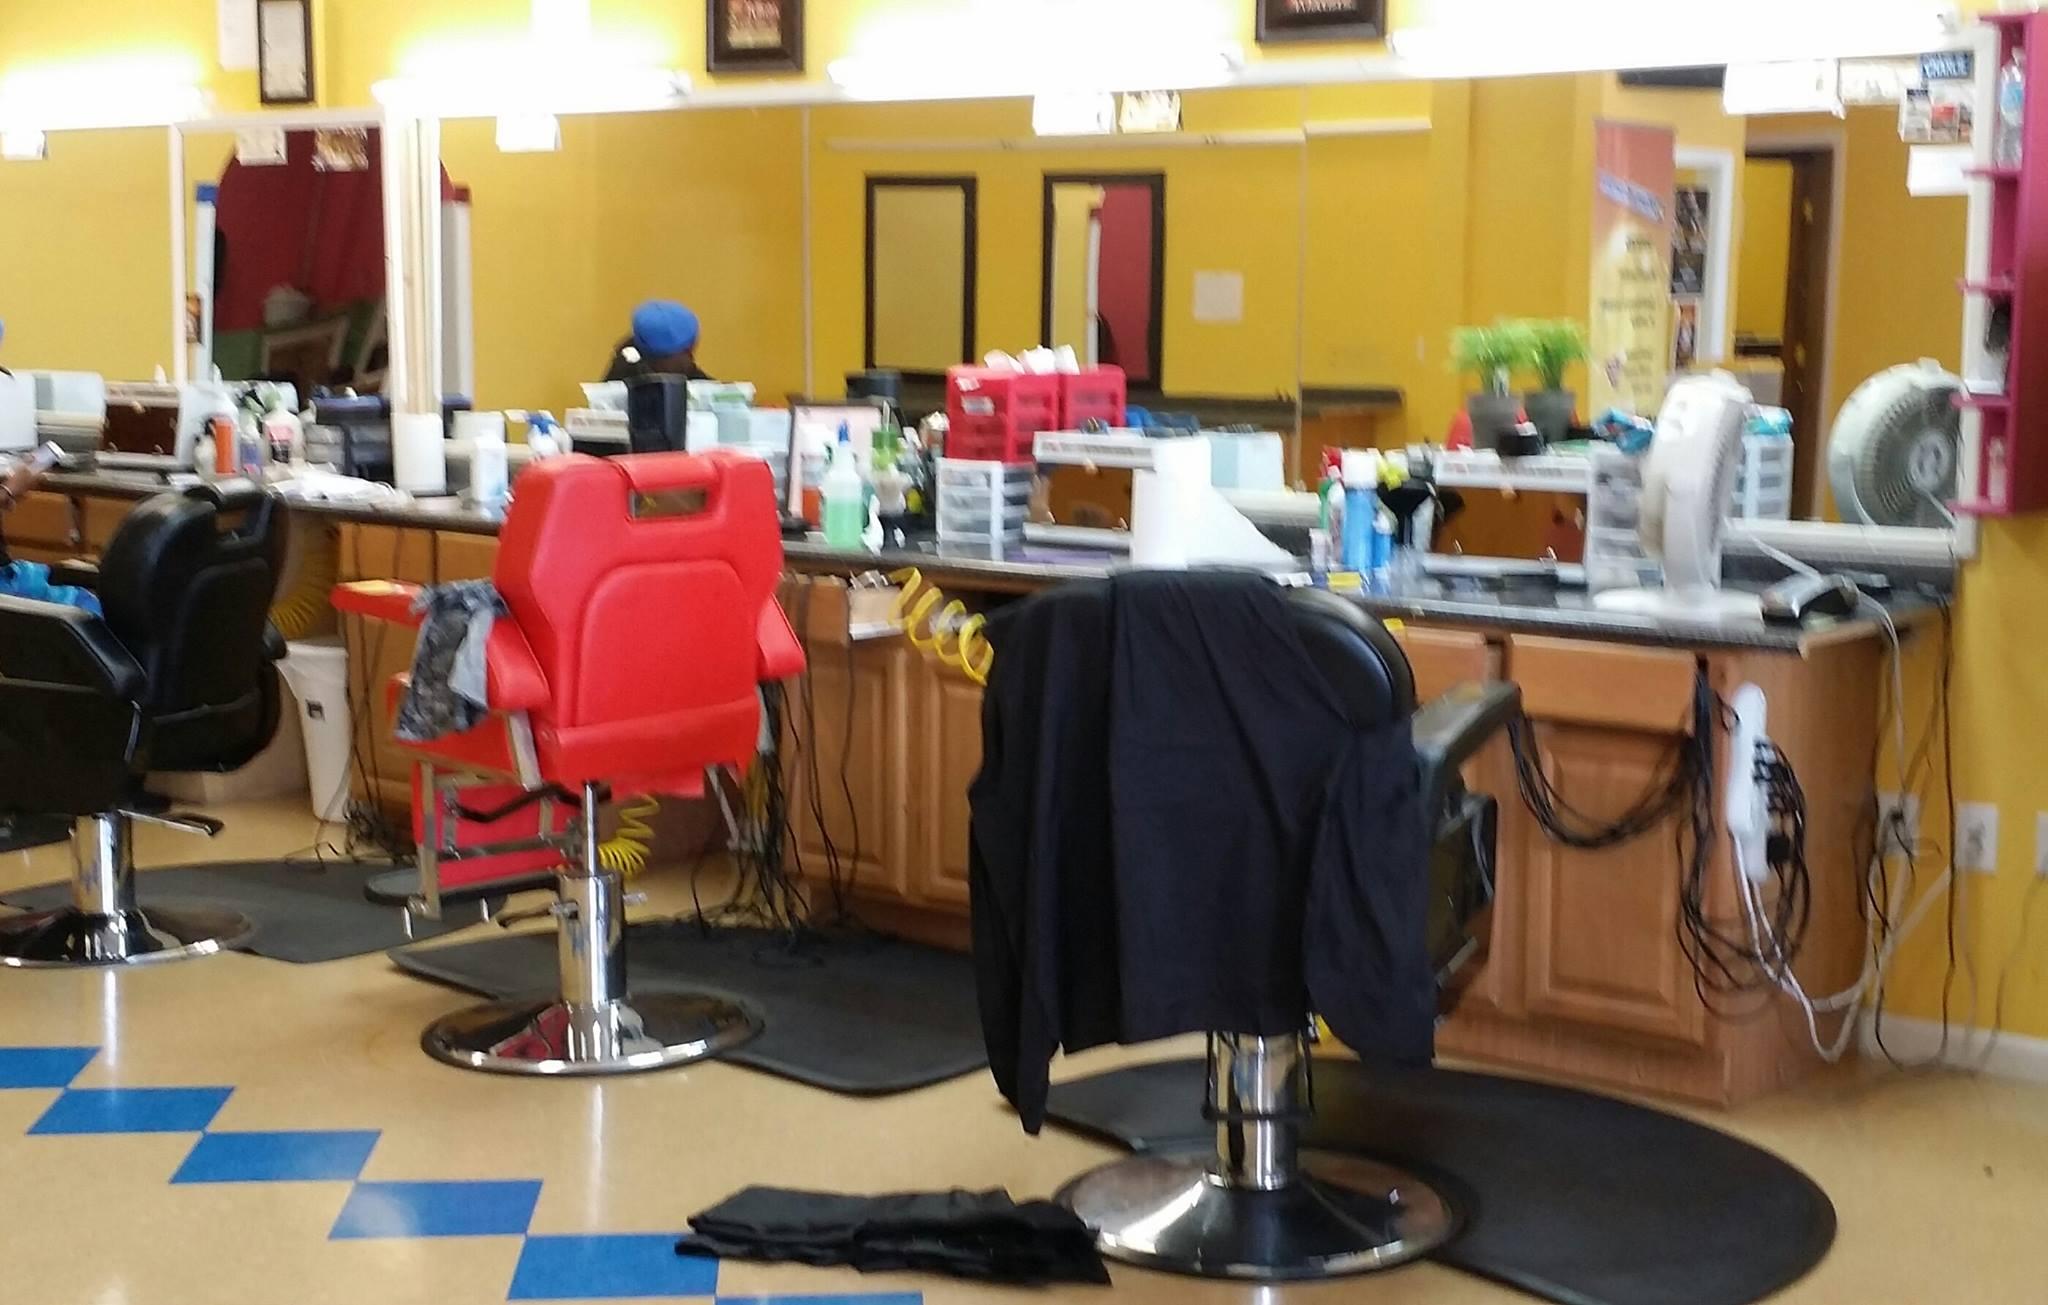 Mcnificent barber salon